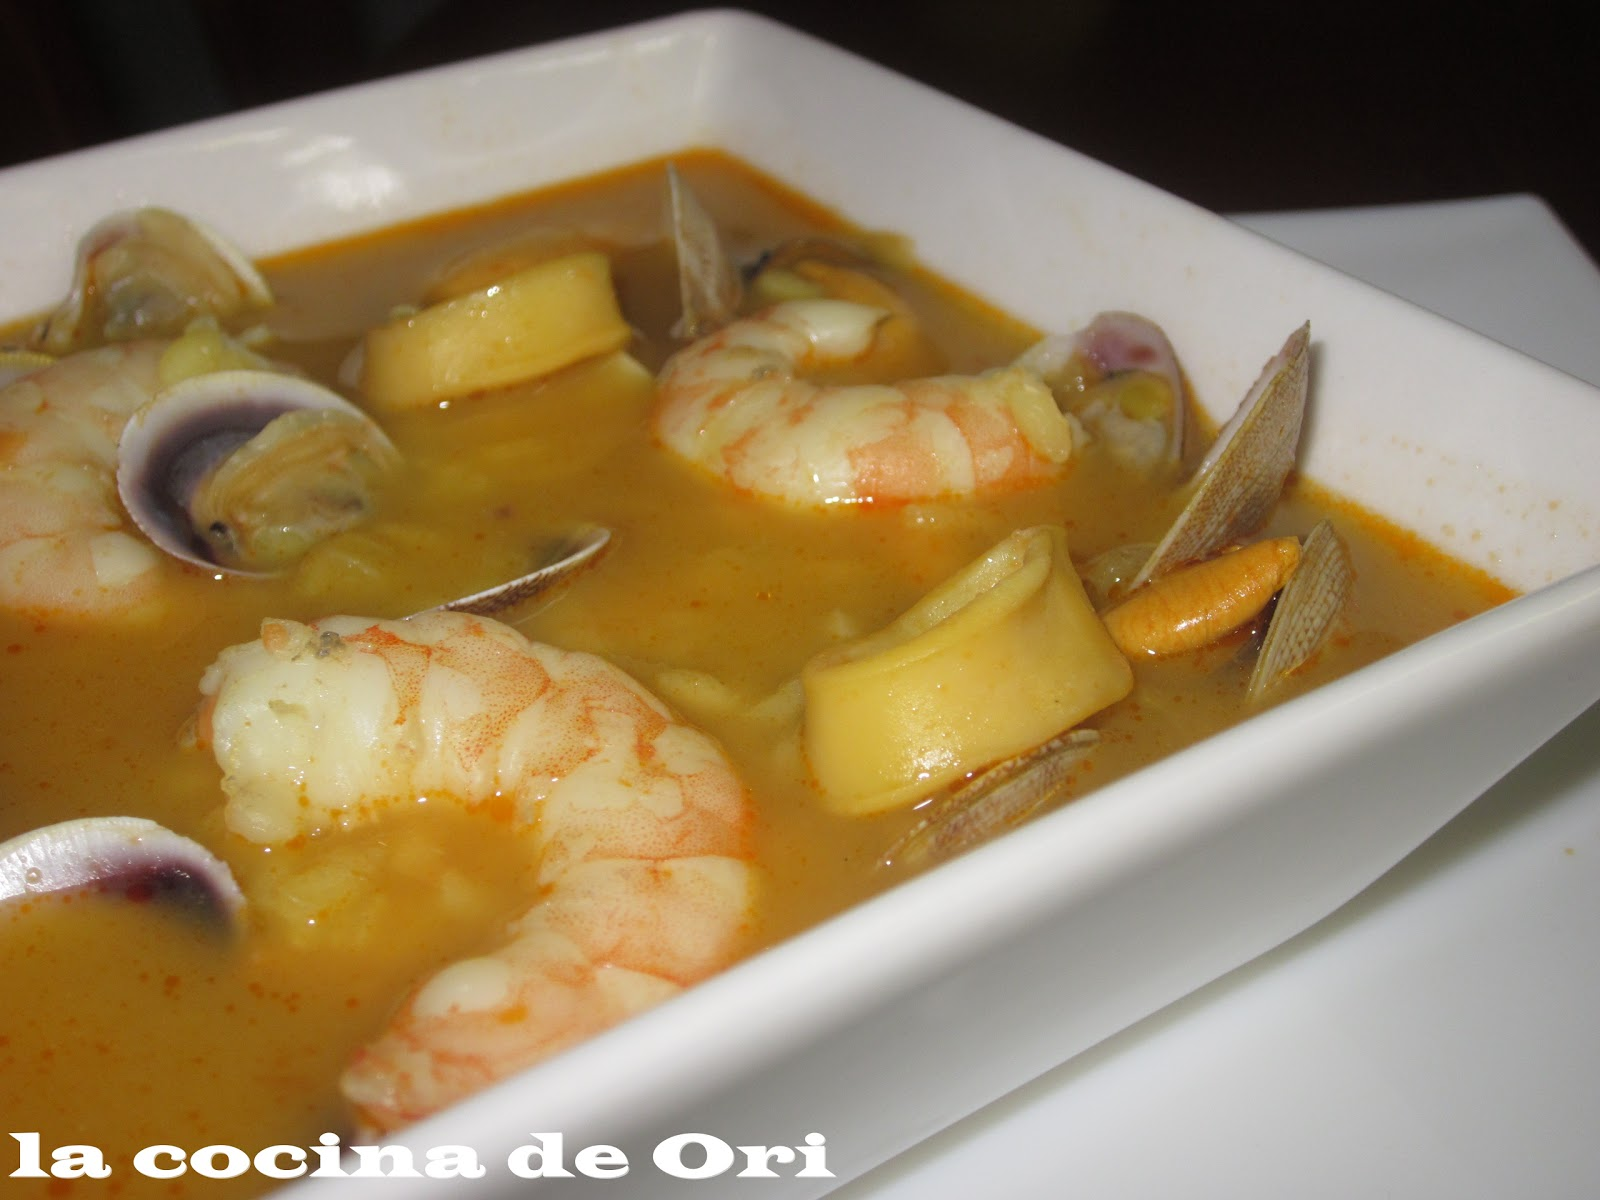 La cocina de ori sopa de pescado y marisco - Sopa de marisco y pescado ...